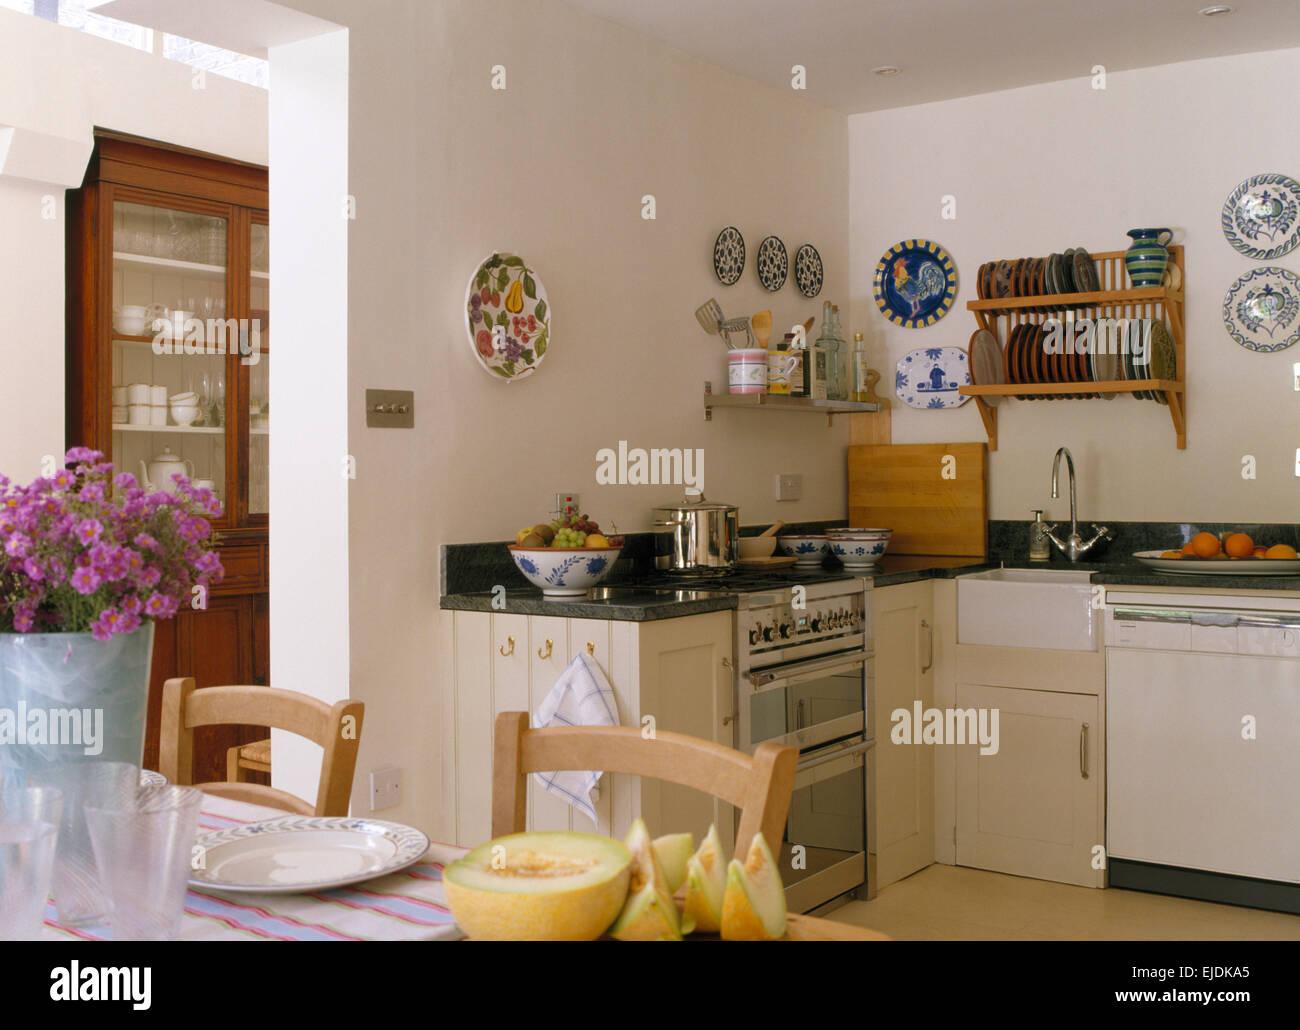 Colorate ceramiche rustico sulle pareti della cucina compatta con ...